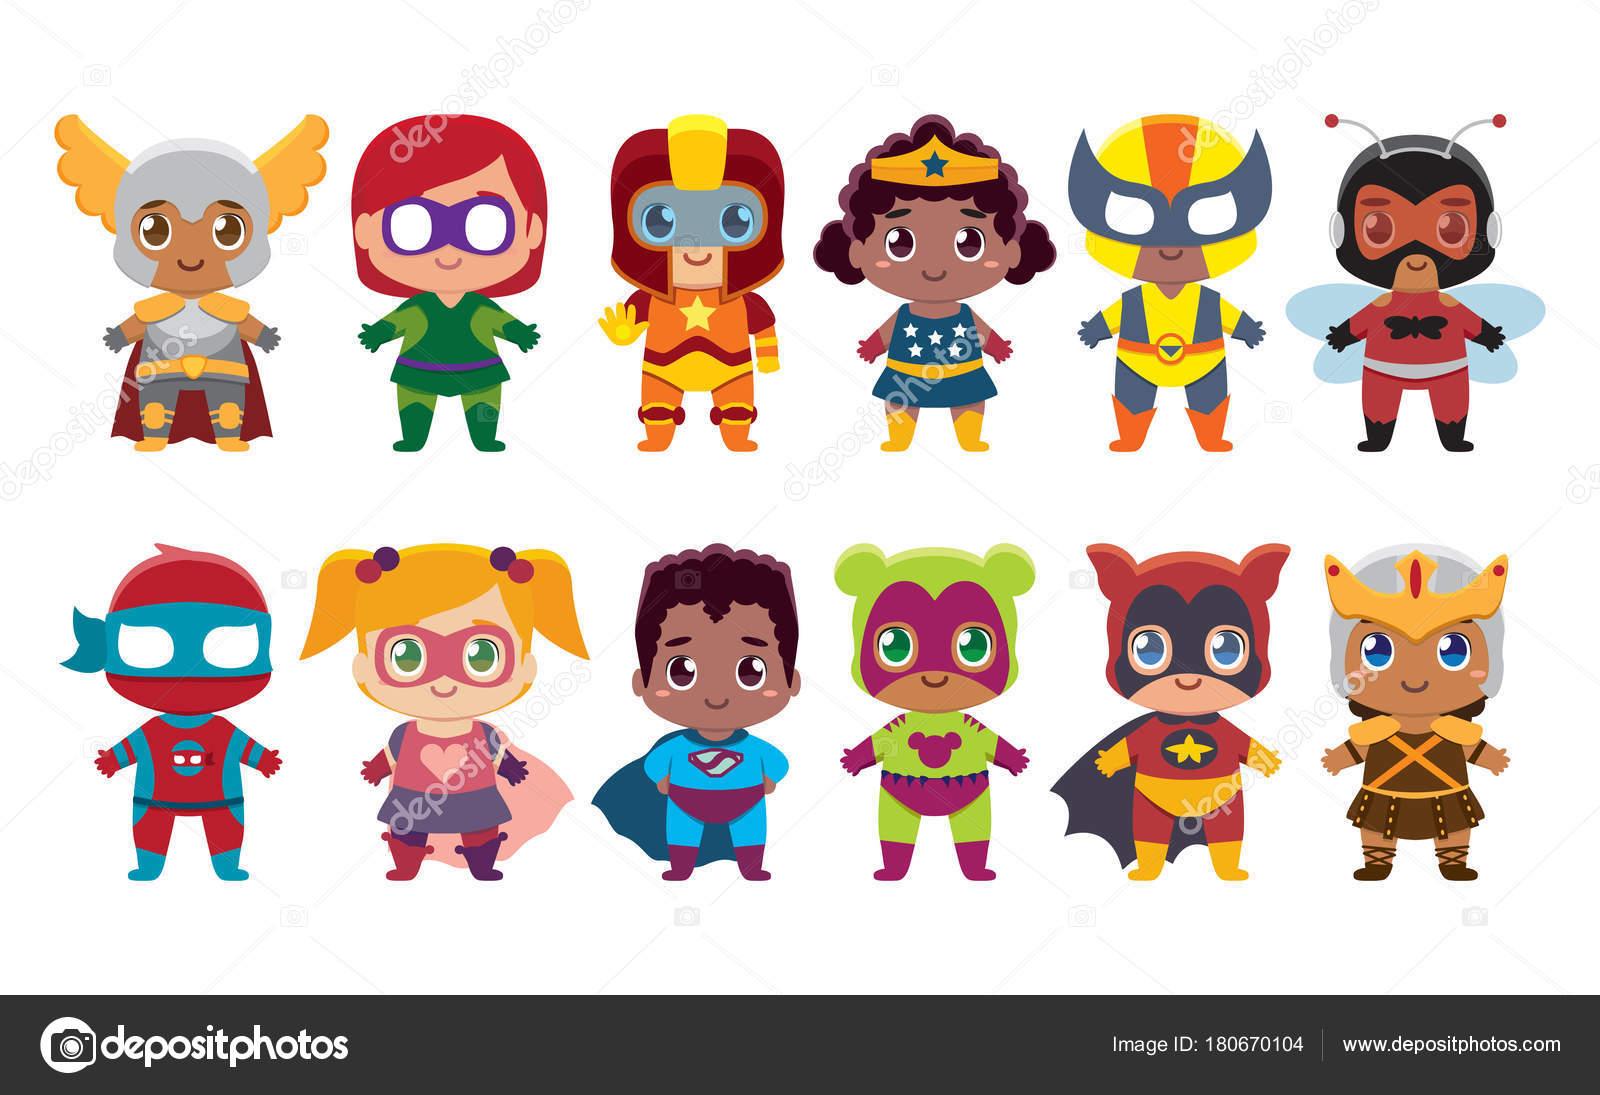 Vectores Heroes En Pijama Kawaii Lindo Set Superhéroes Coloridos